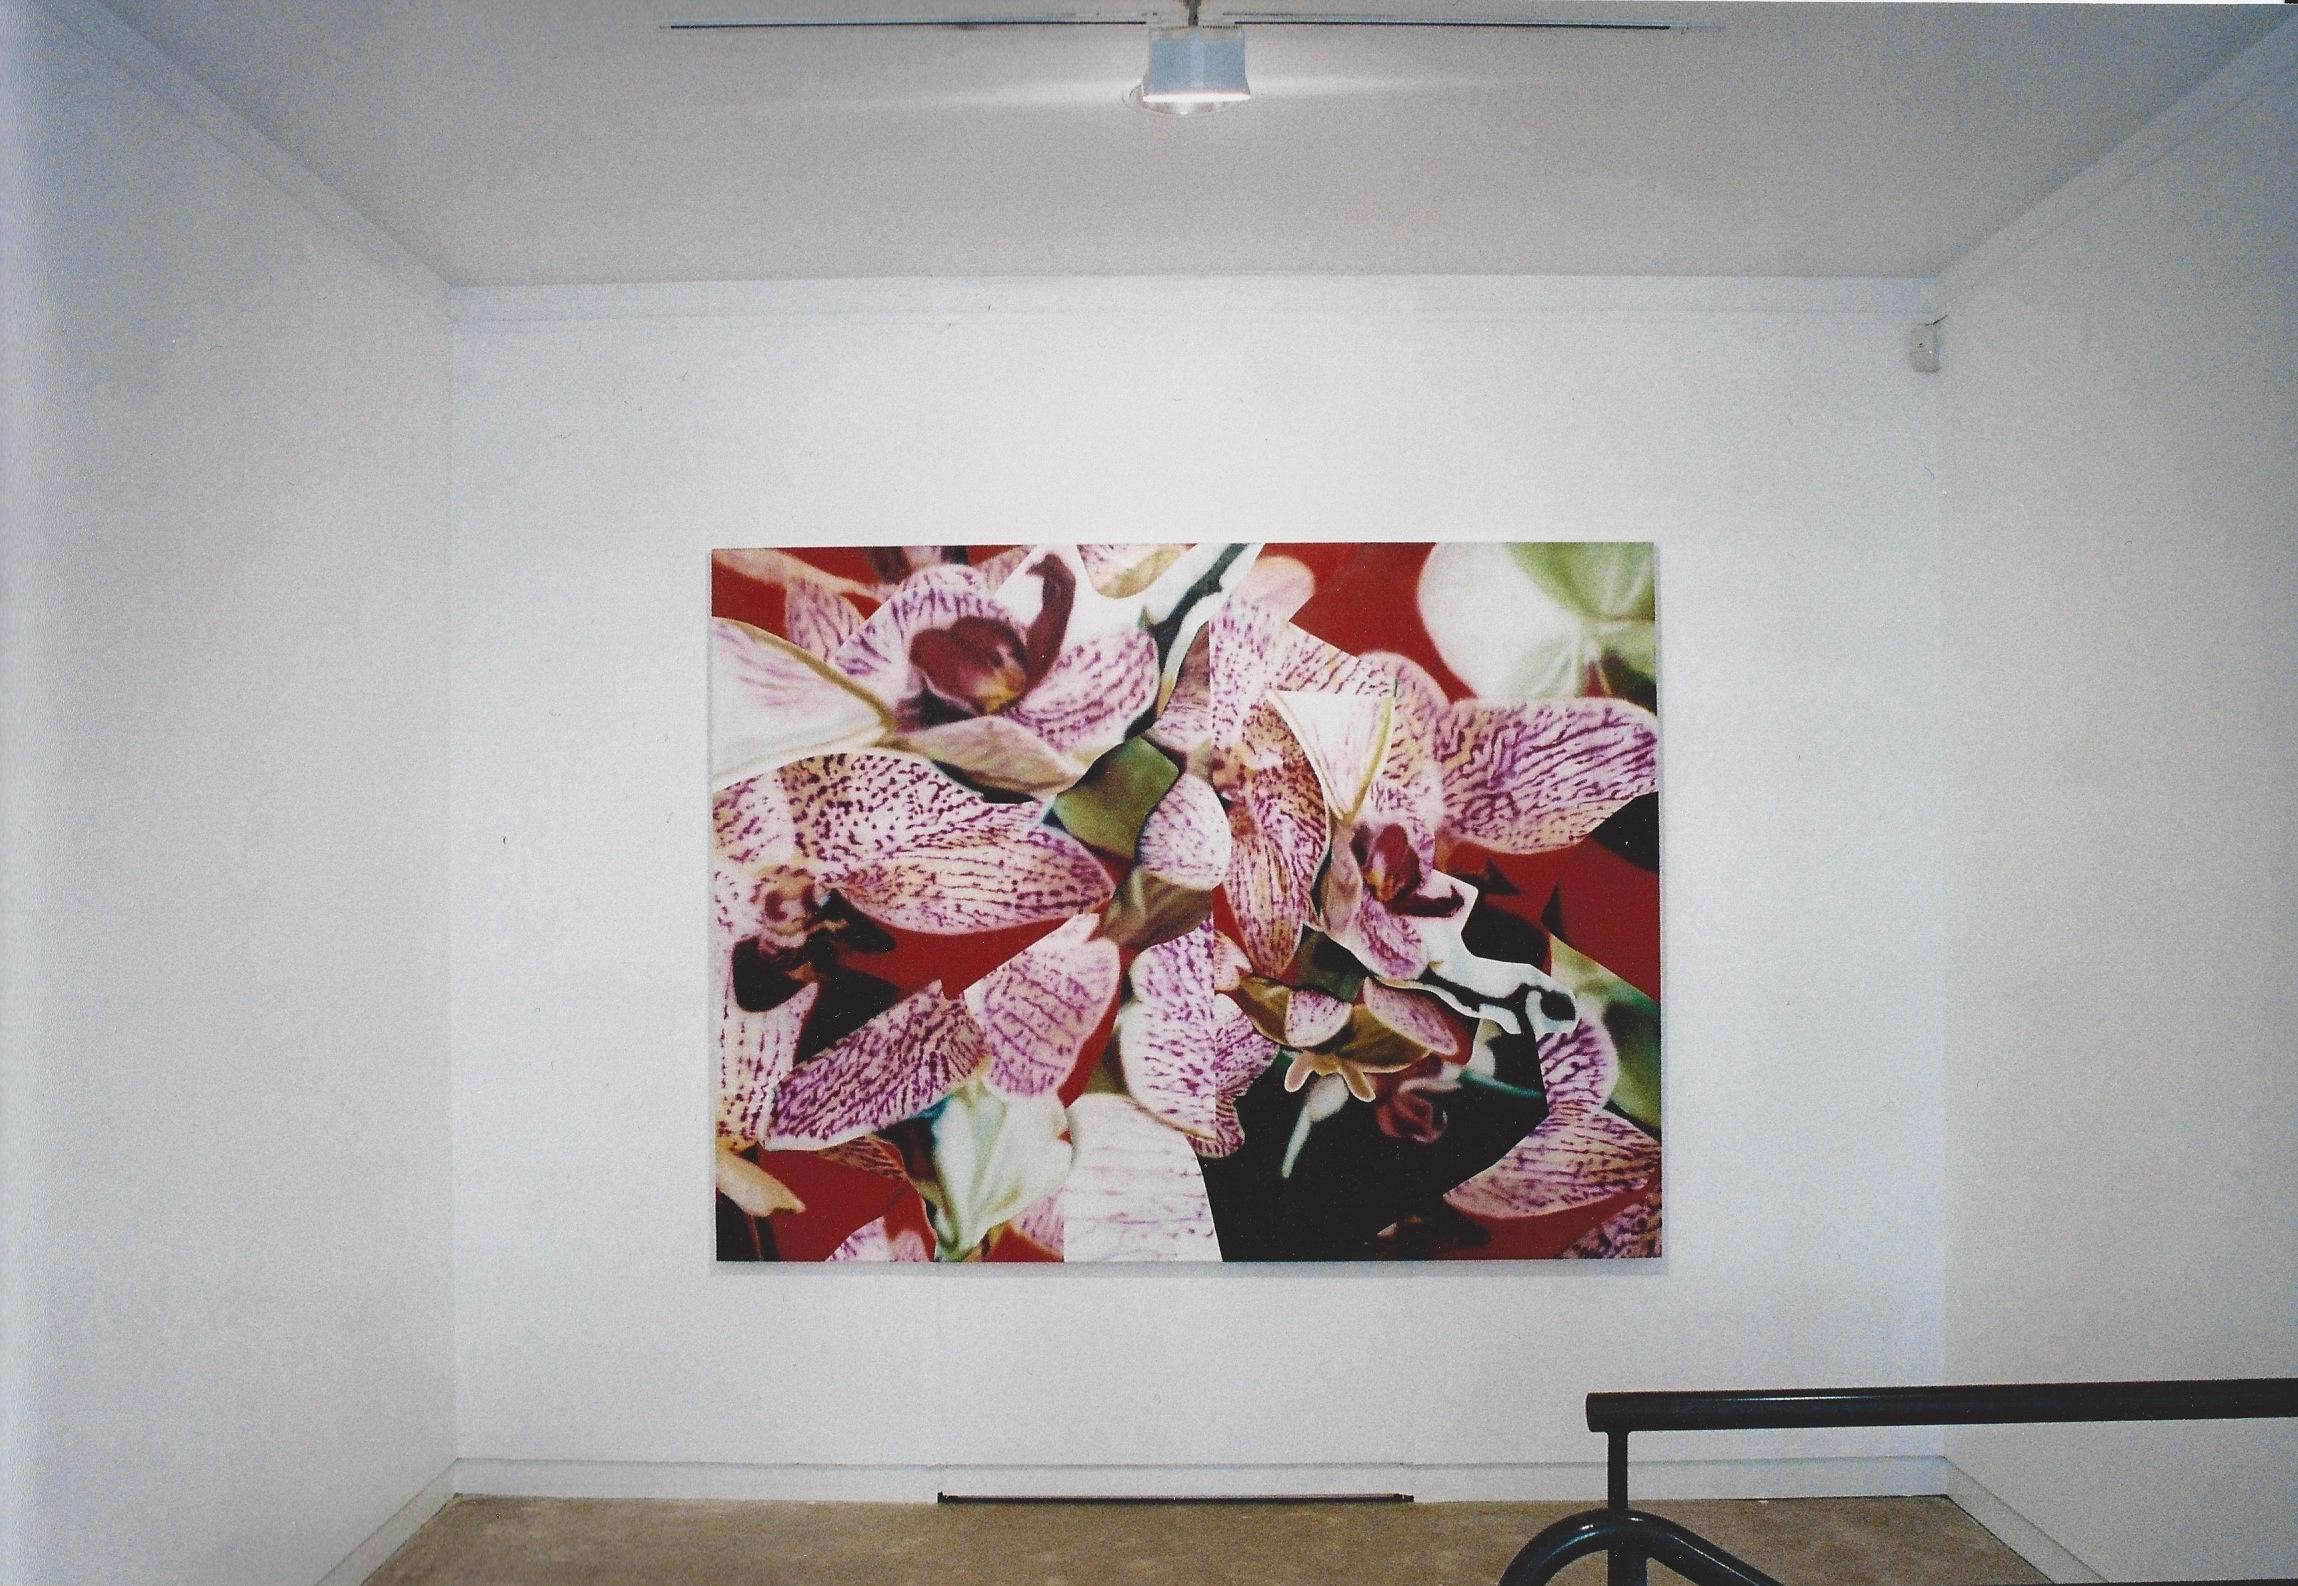 Etats de Peinture , Maison des Arts de Malakoff (FR)2003. Curator Philippe Piguet.